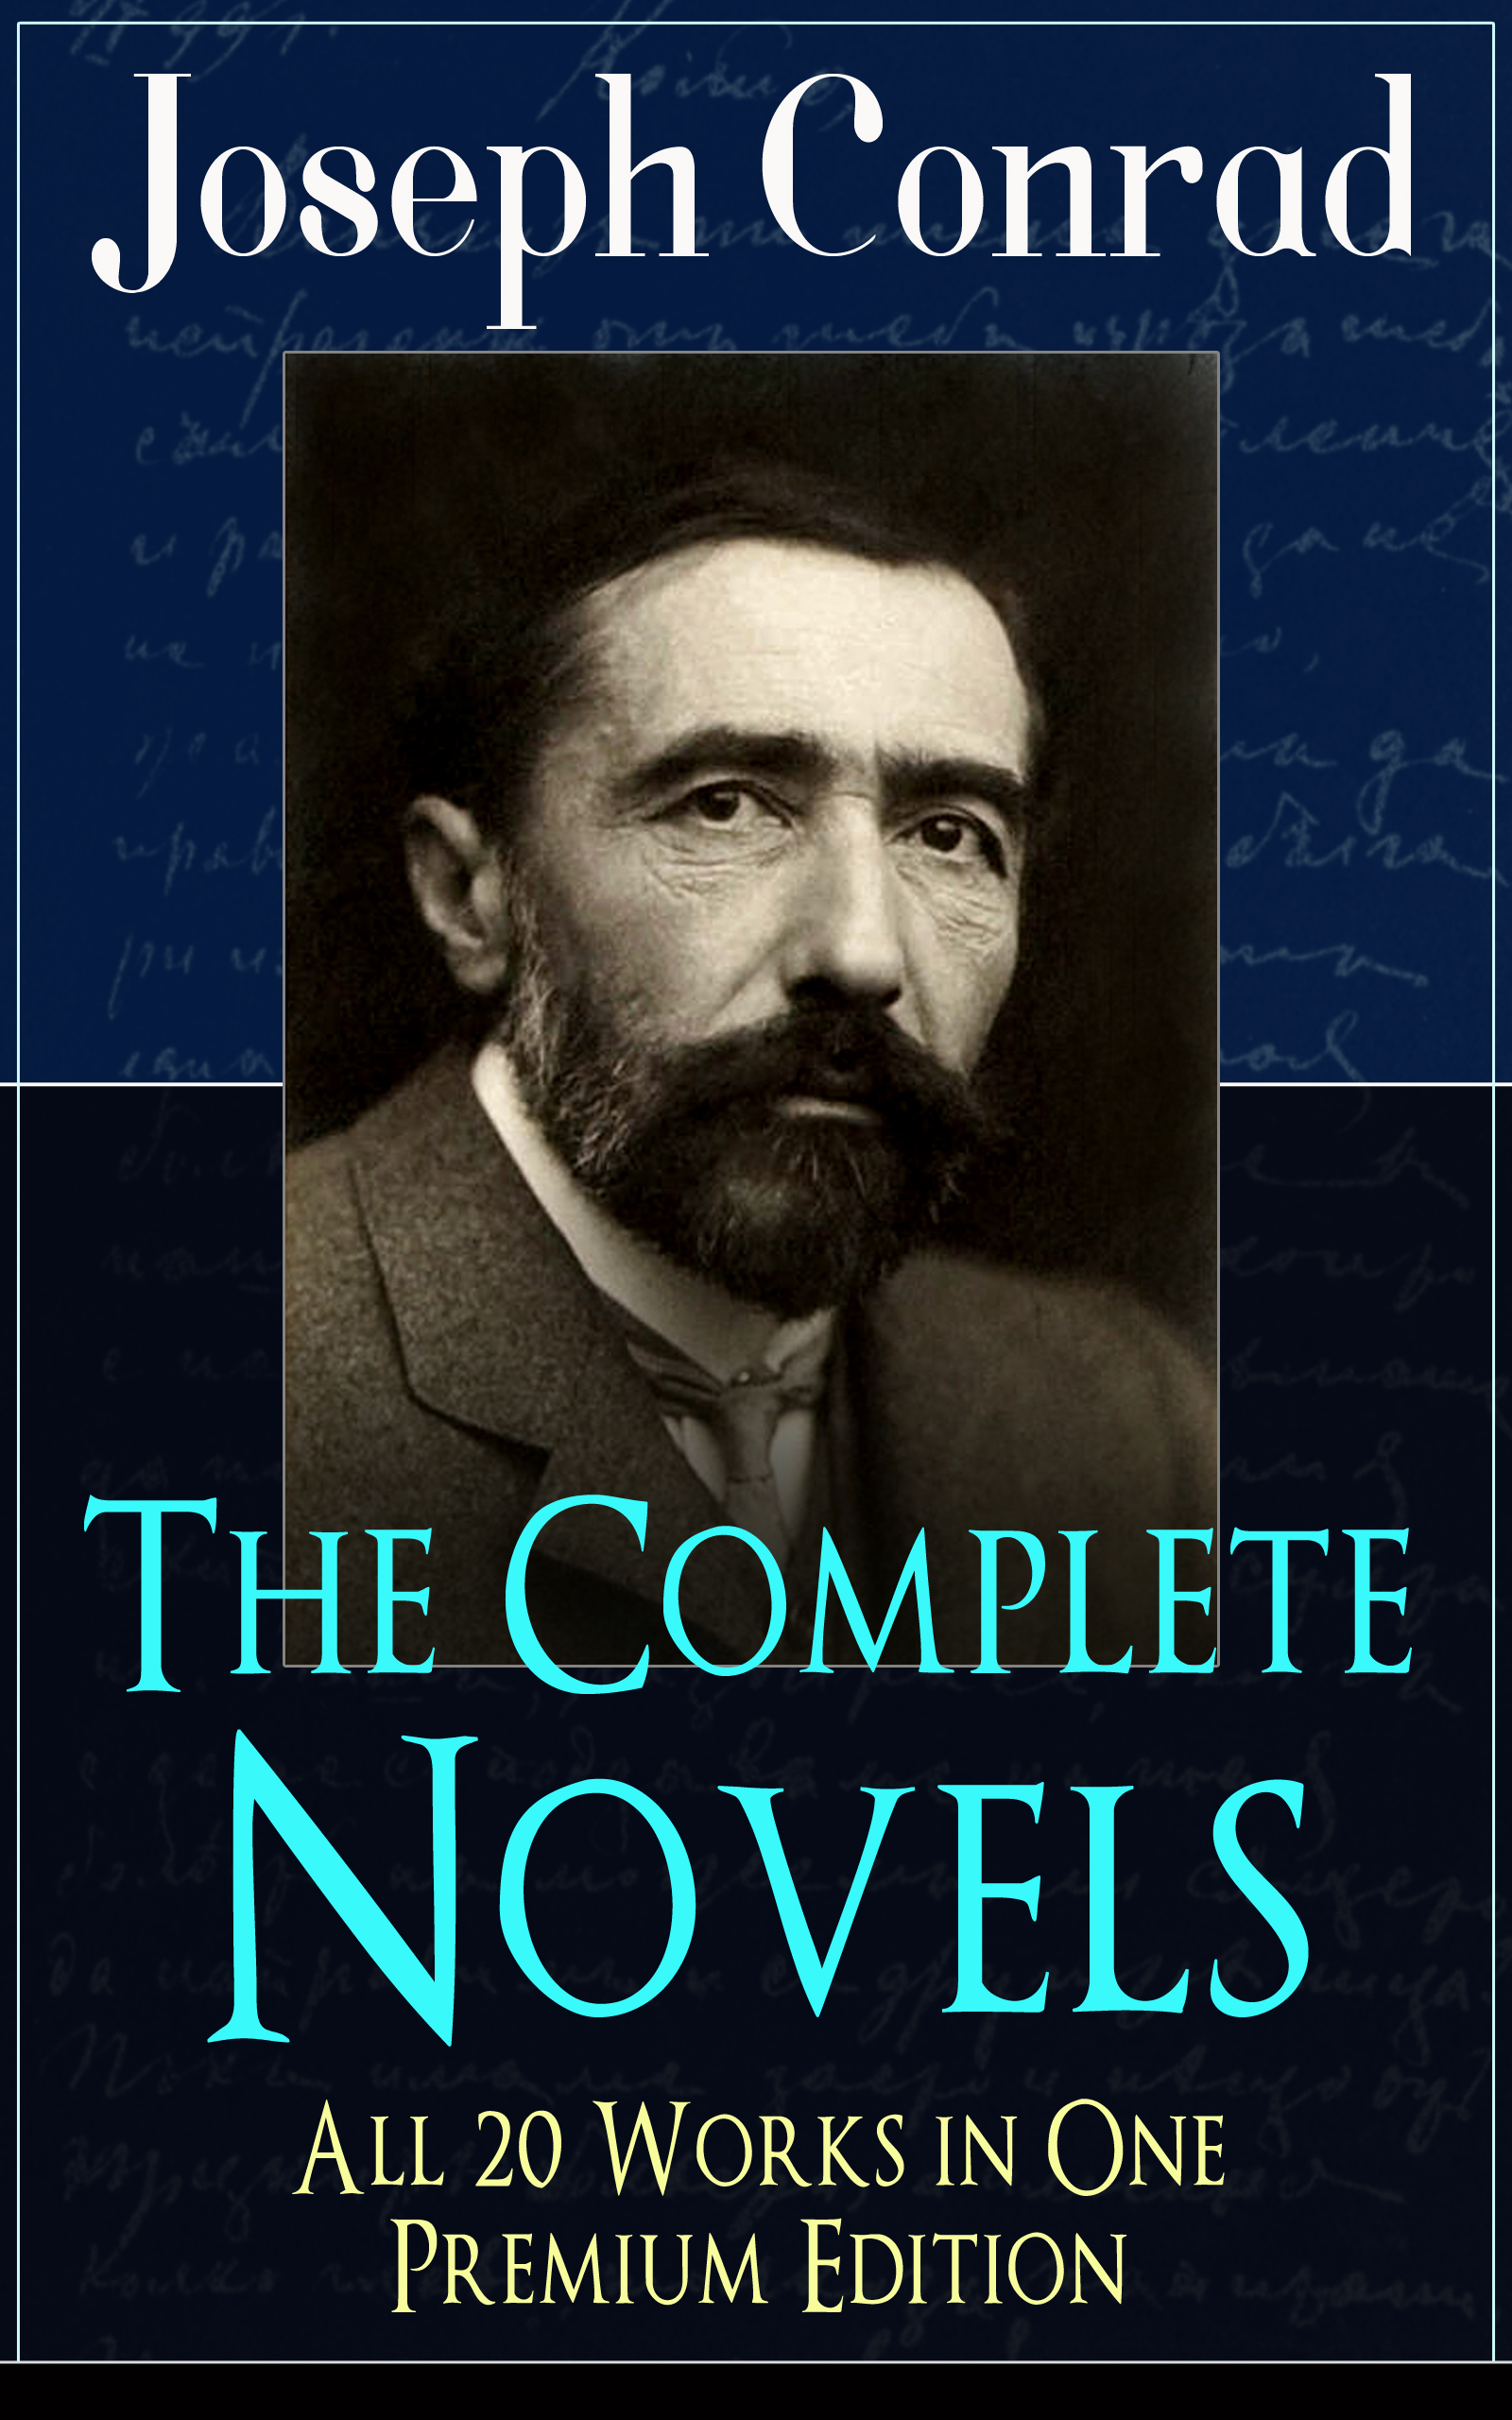 Joseph Conrad The Complete Novels of Joseph Conrad - All 20 Works in One Premium Edition conrad j the arrow of gold isbn 978 5 519 02397 9